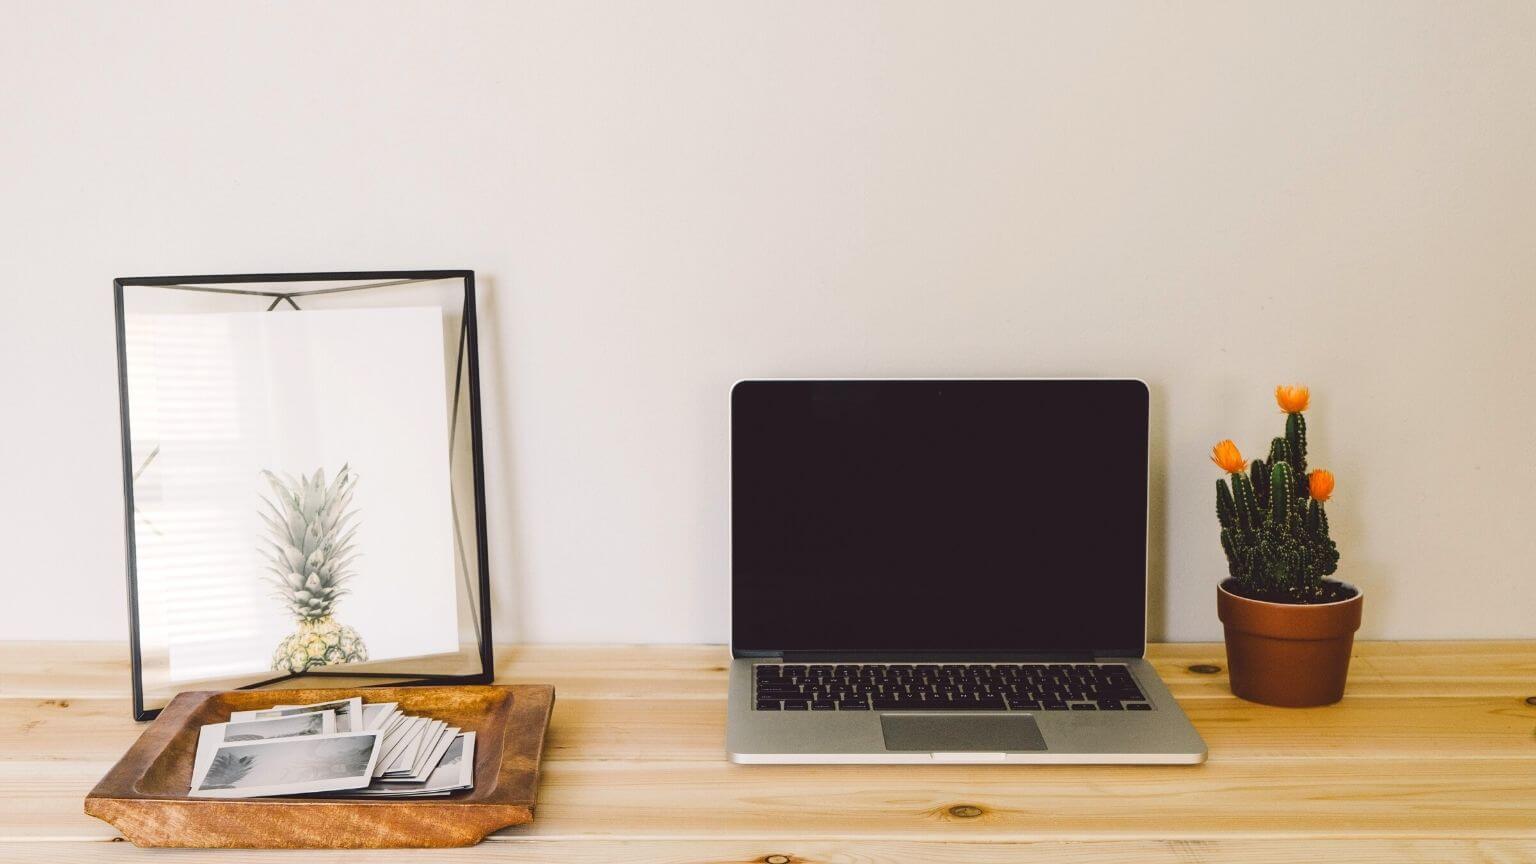 Mes 8 clés pour travailler efficacement de chez soi